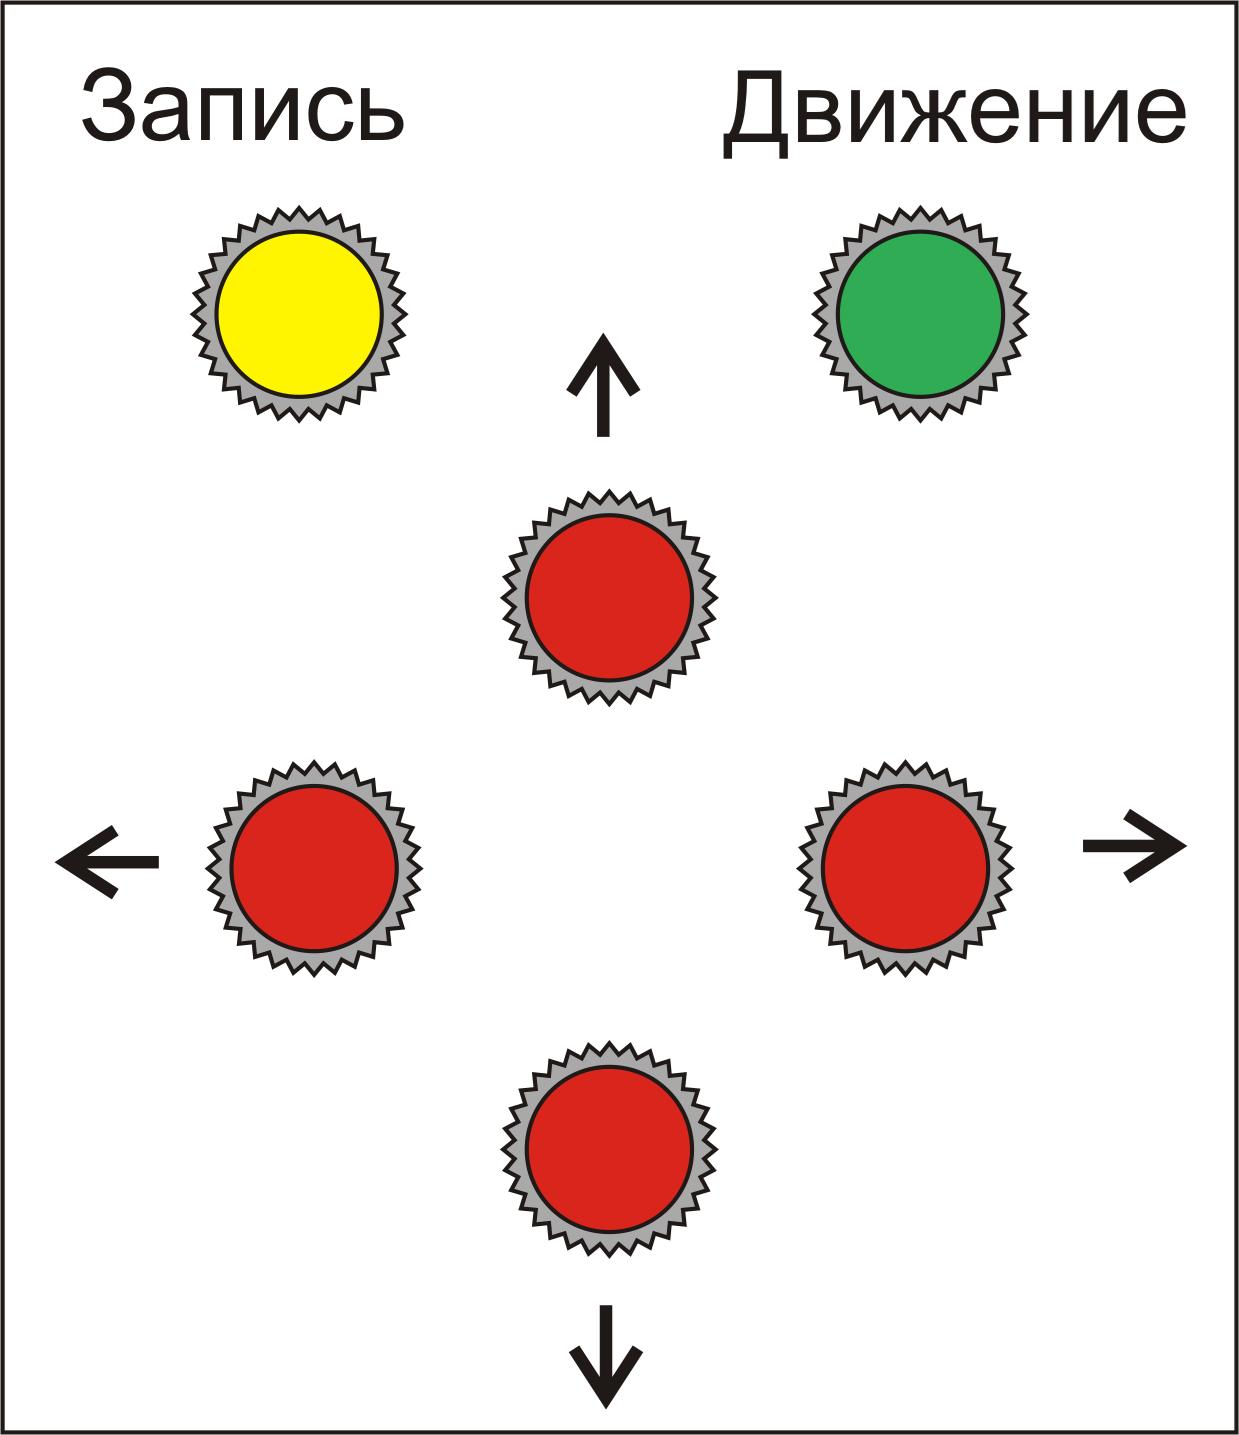 Описание назначения кнопок пульта управления